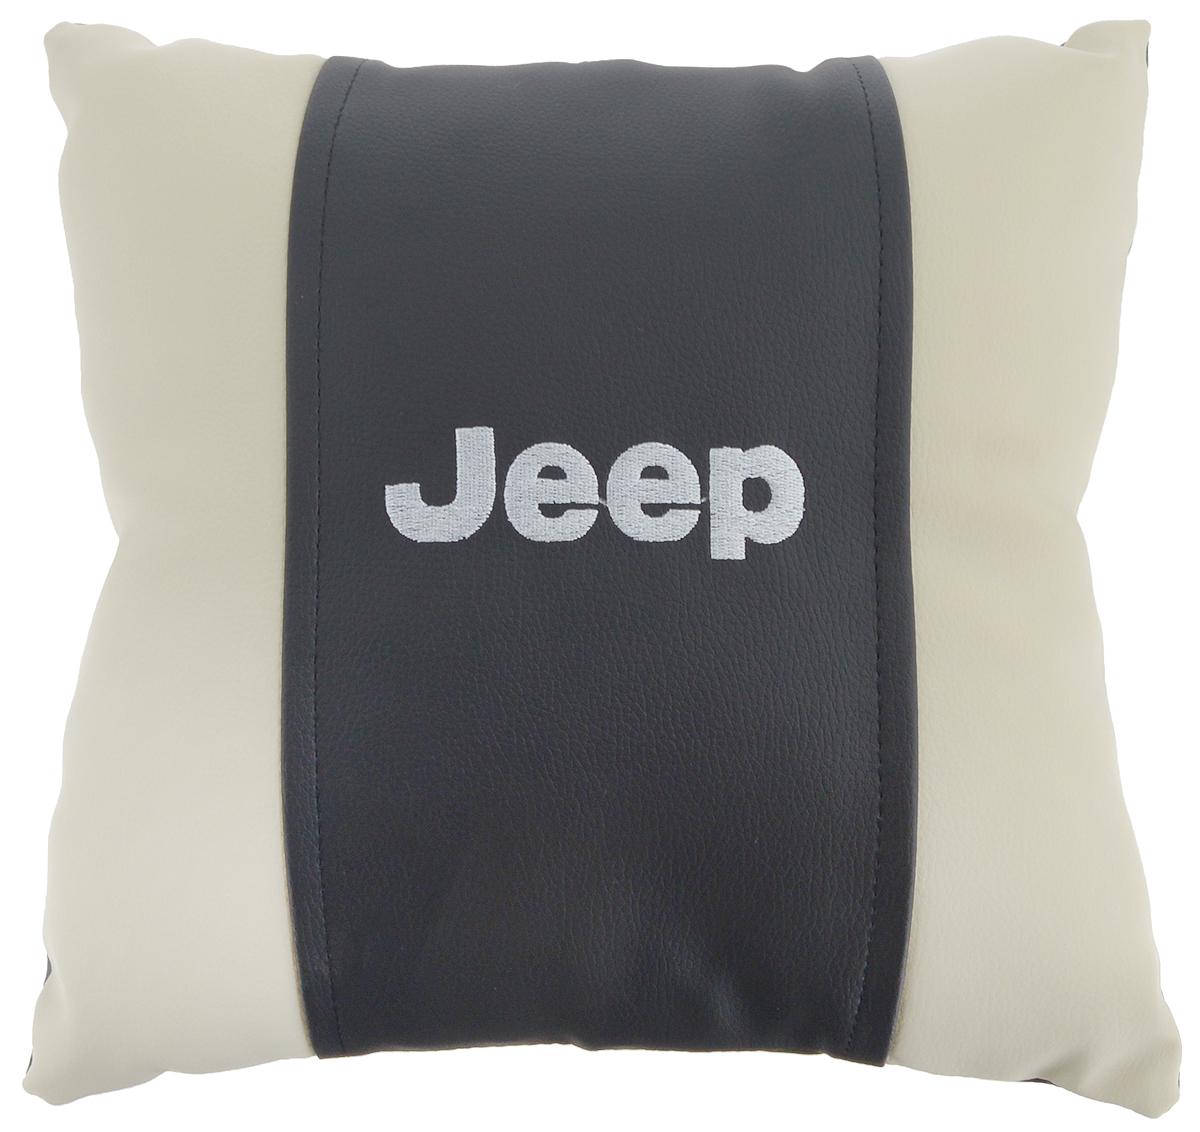 Подушка на сиденье Autoparts Jeep, 30 х 30 смМ074Подушка на сиденье Autoparts Jeep создана для тех, кто весь свой день вынужден проводить за рулем. Чехол выполнен из высококачественной дышащей экокожи. Наполнителем служит холлофайбер. На задней части подушки имеется змейка. Особенности подушки: - Хорошо проветривается. - Предупреждает потение. - Поддерживает комфортную температуру. - Обминается по форме тела. - Улучшает кровообращение. - Исключает затечные явления. - Предупреждает развитие заболеваний, связанных с сидячим образом жизни. Подушка также будет полезна и дома - при работе за компьютером, школьникам - при выполнении домашних работ, да и в любимом кресле перед телевизором.